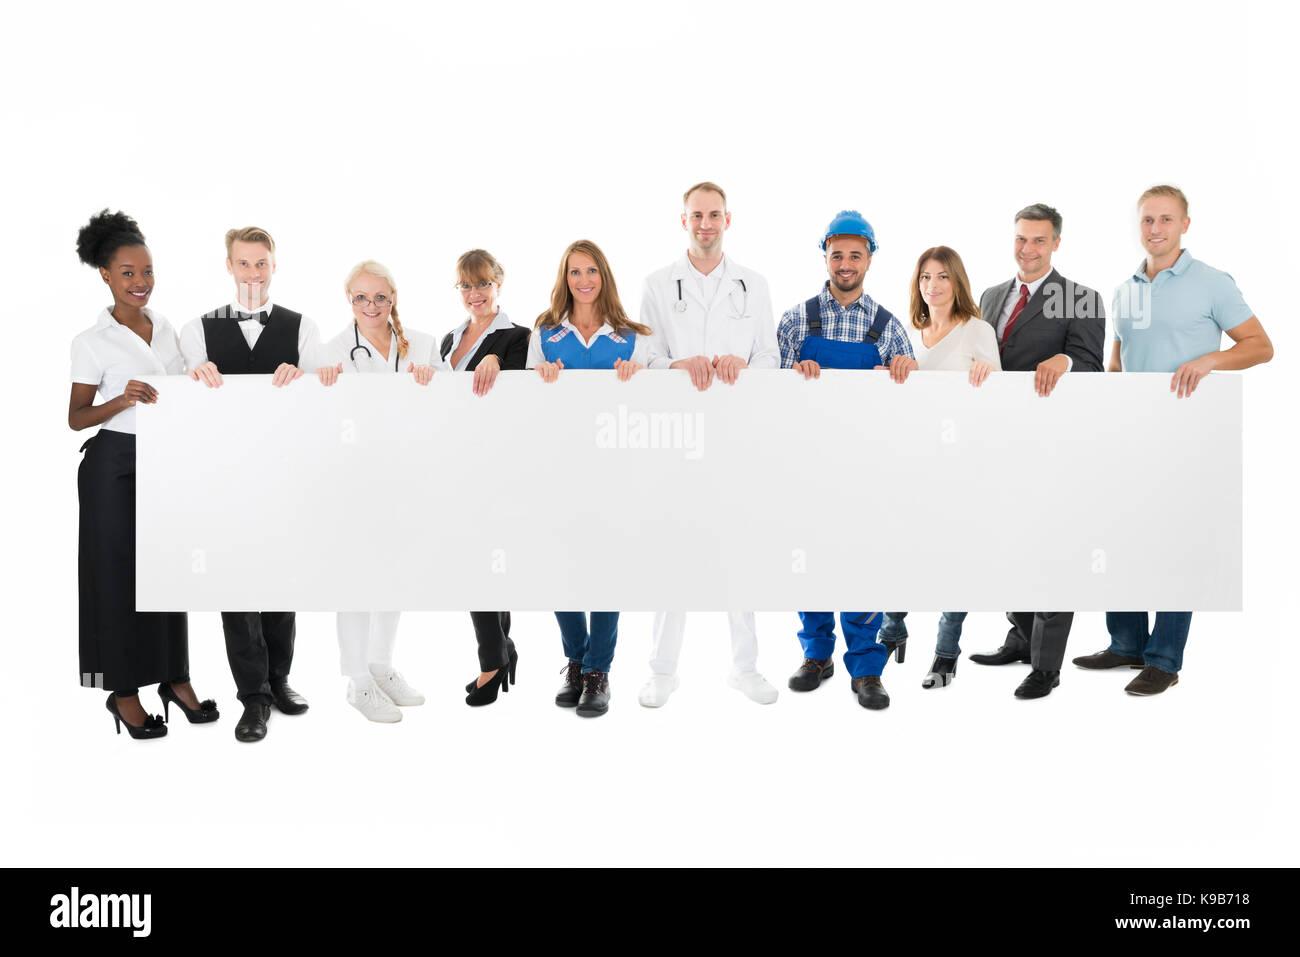 Ritratto di gruppo di persone con diverse professioni tenendo blank billboard contro uno sfondo bianco Immagini Stock